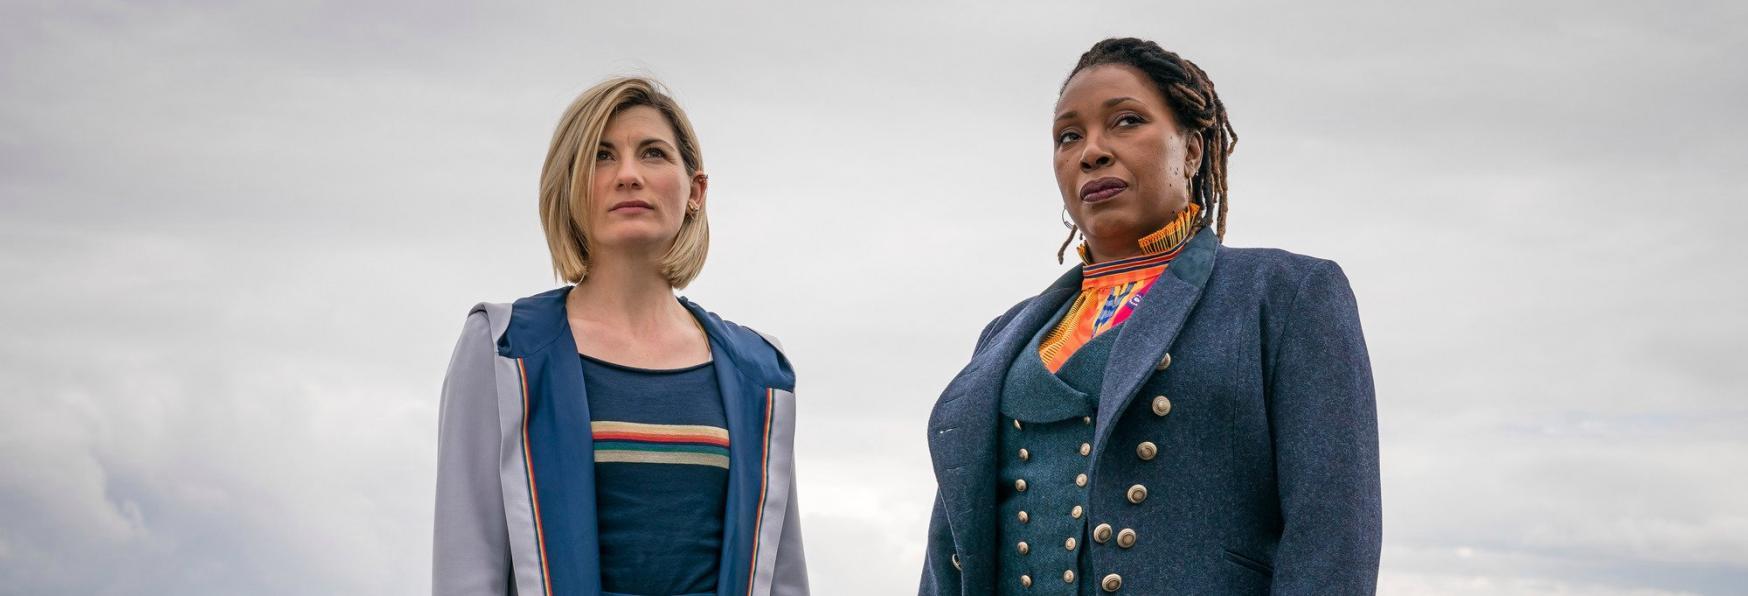 Doctor Who 12x05: lo Showrunner parla del nuovo Misterioso Personaggio Introdotto (Spoiler)